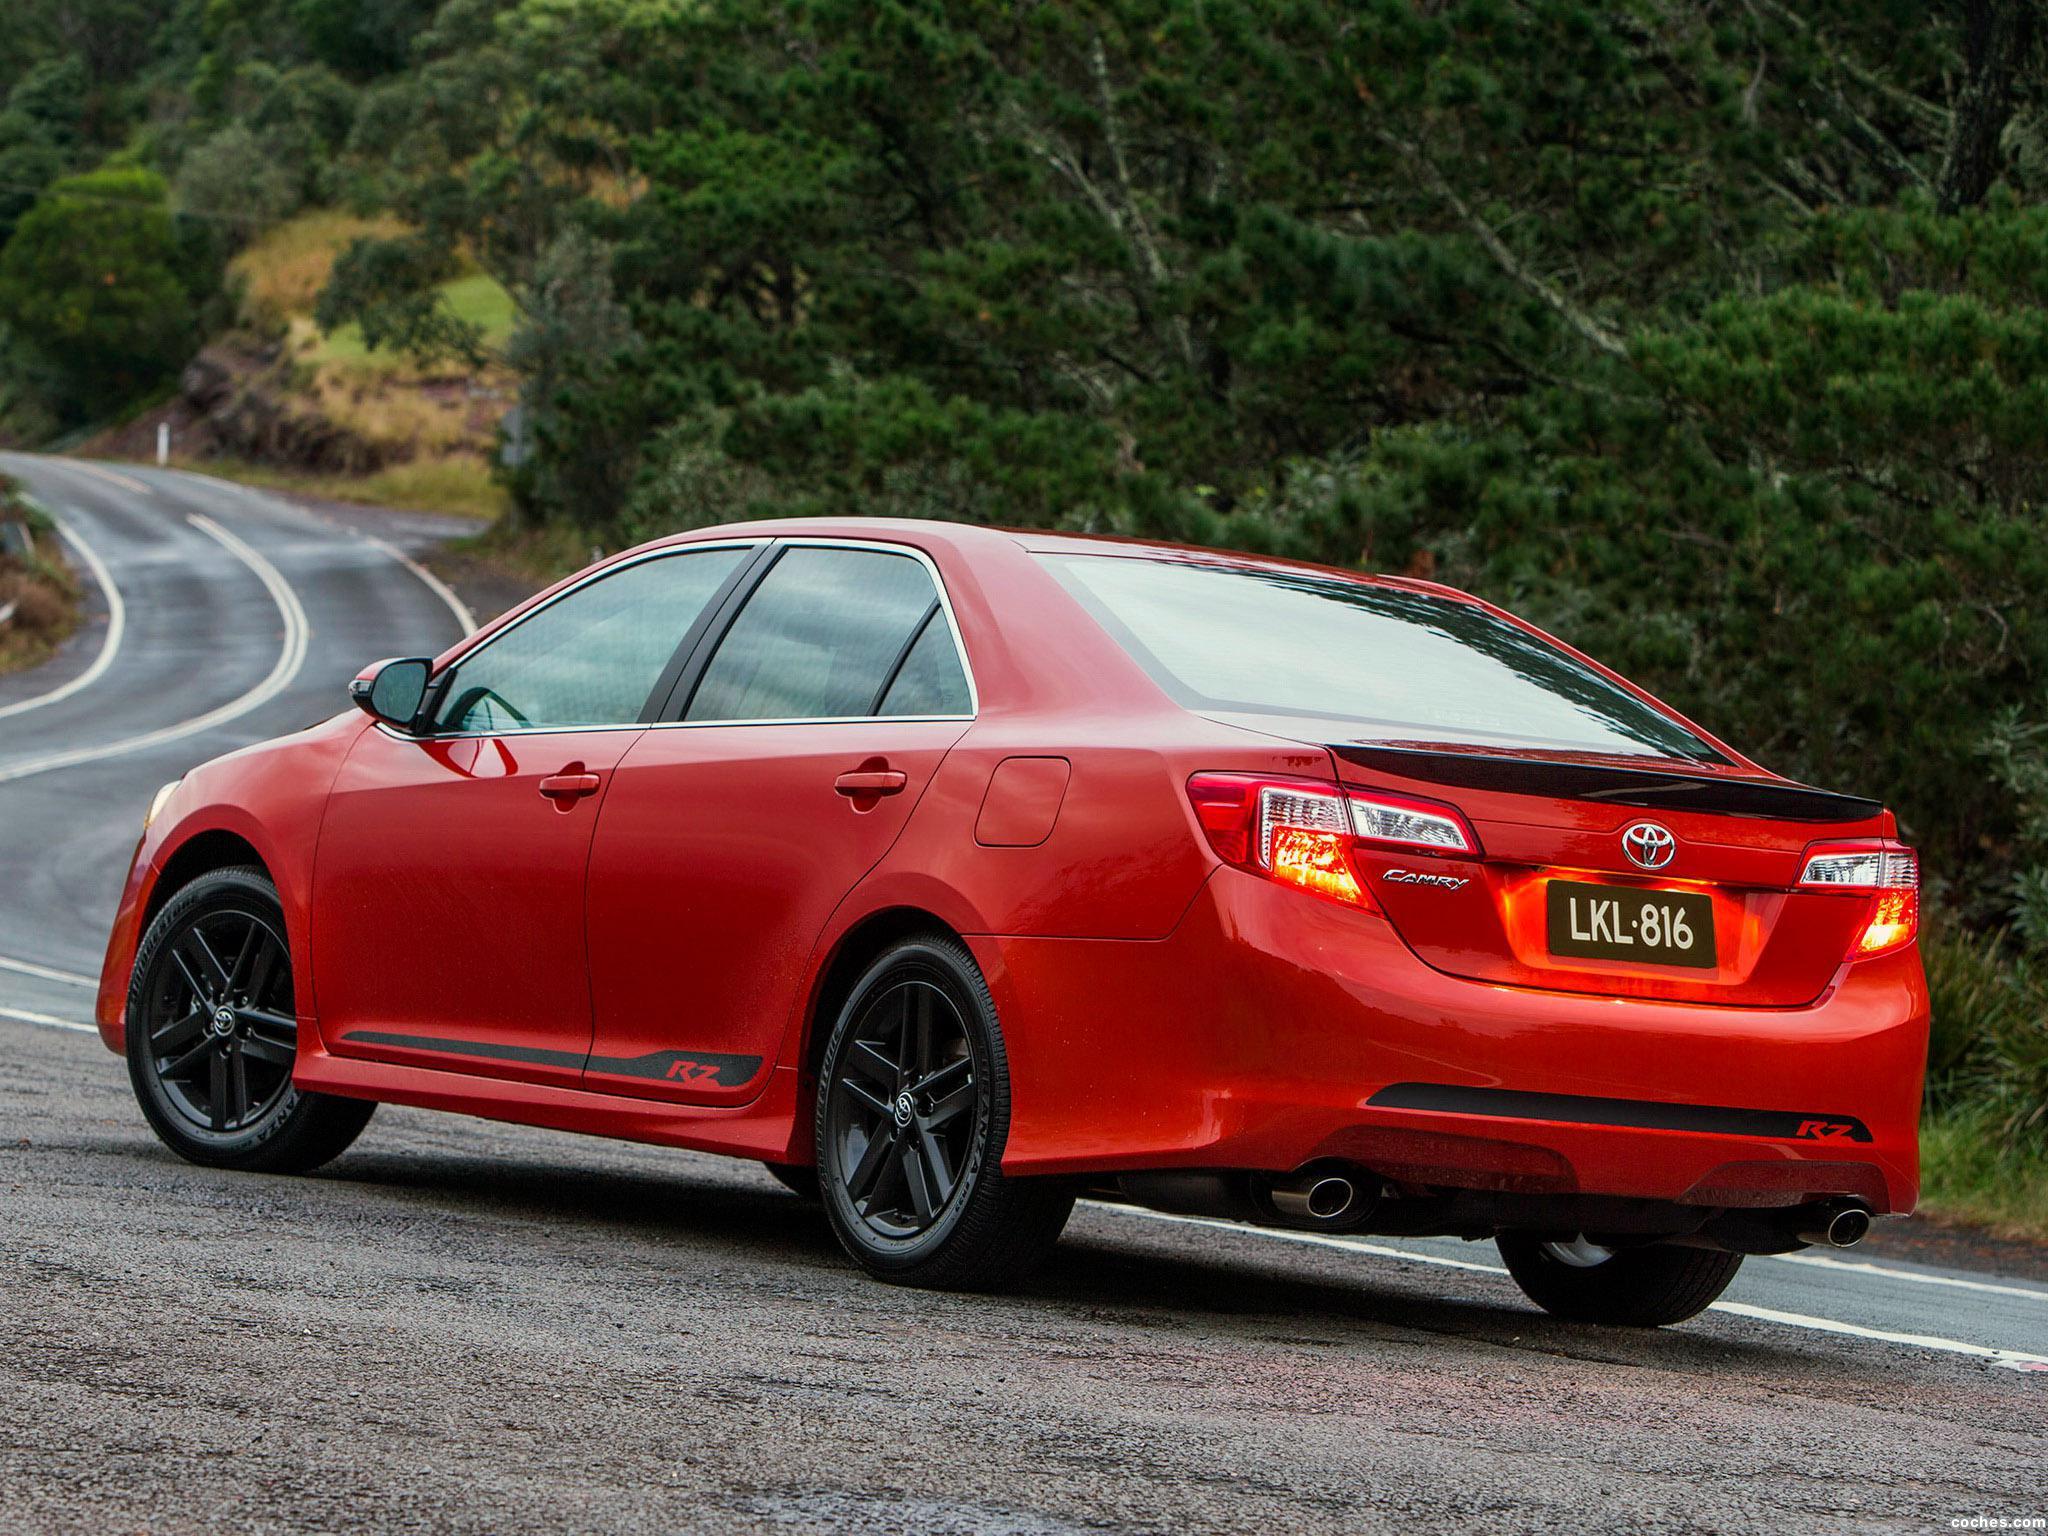 Foto 2 de Toyota Camry RZ 2014